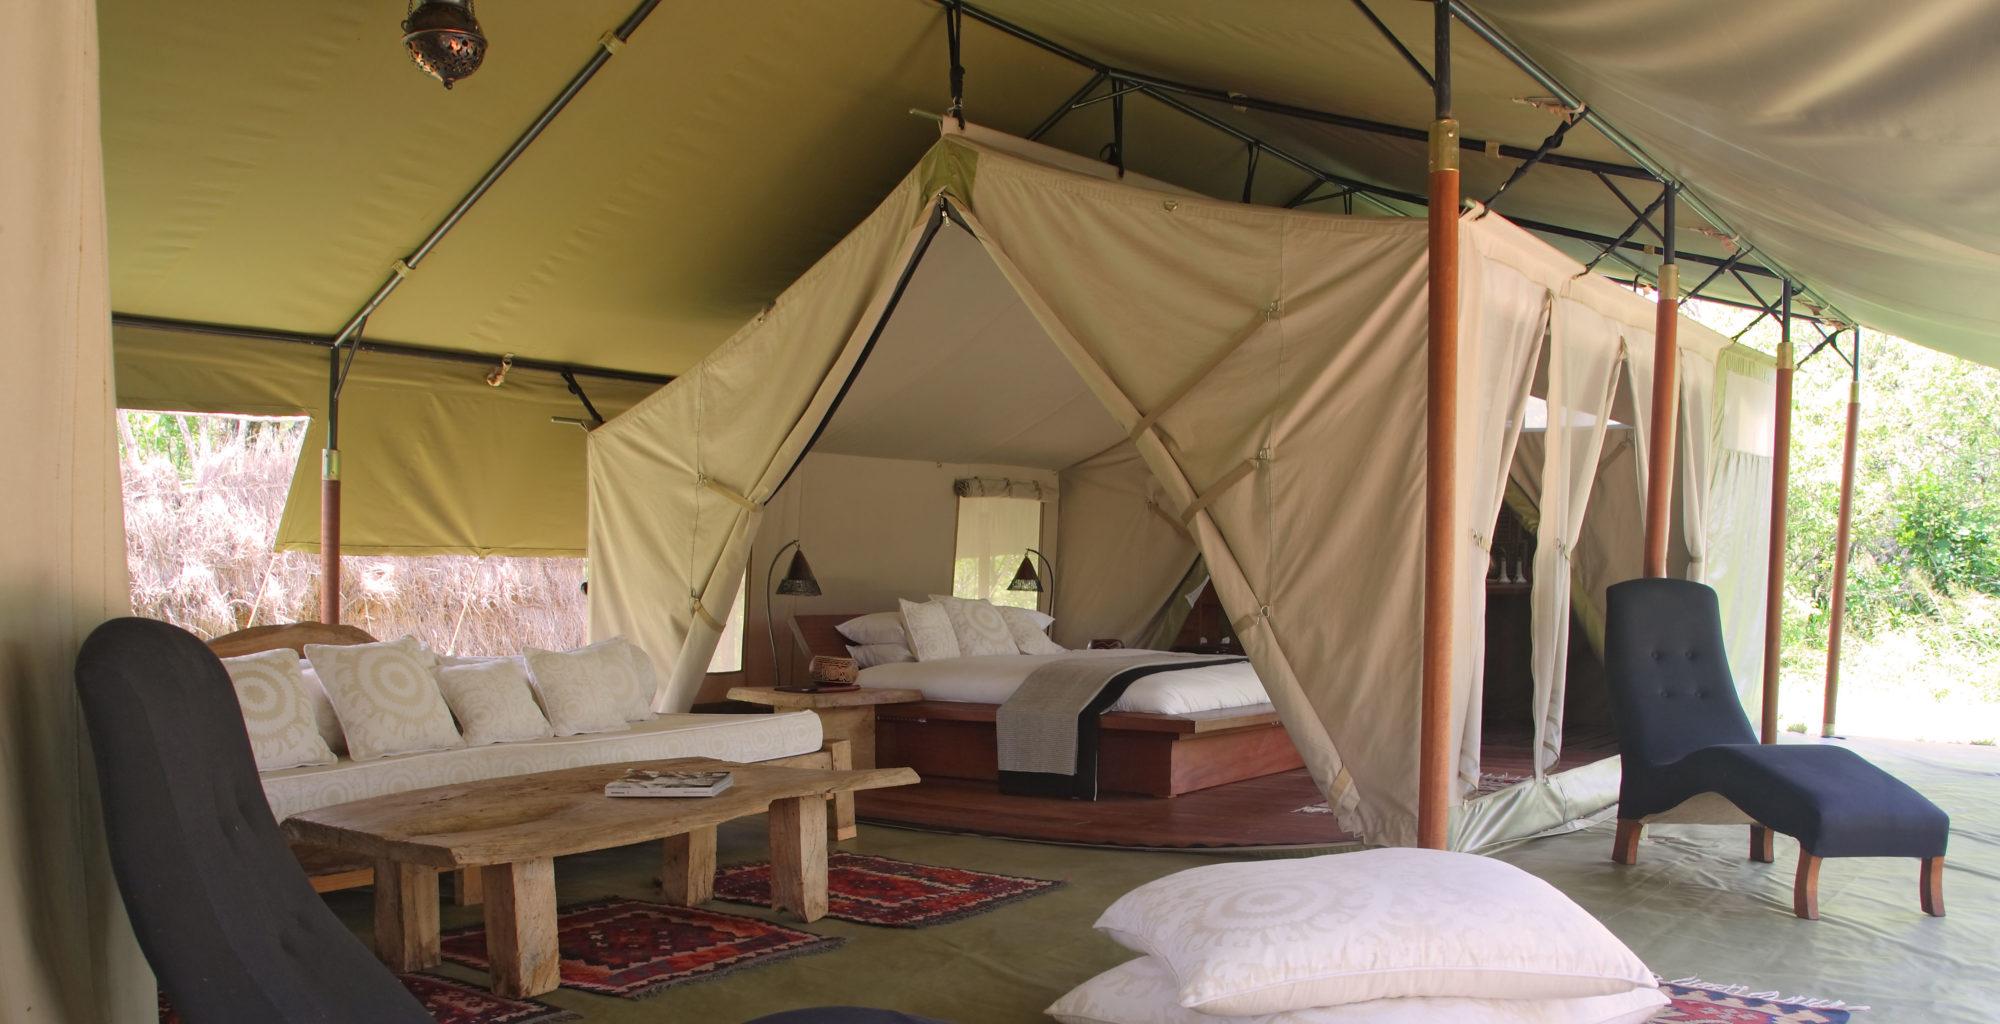 Naibor Keny living area